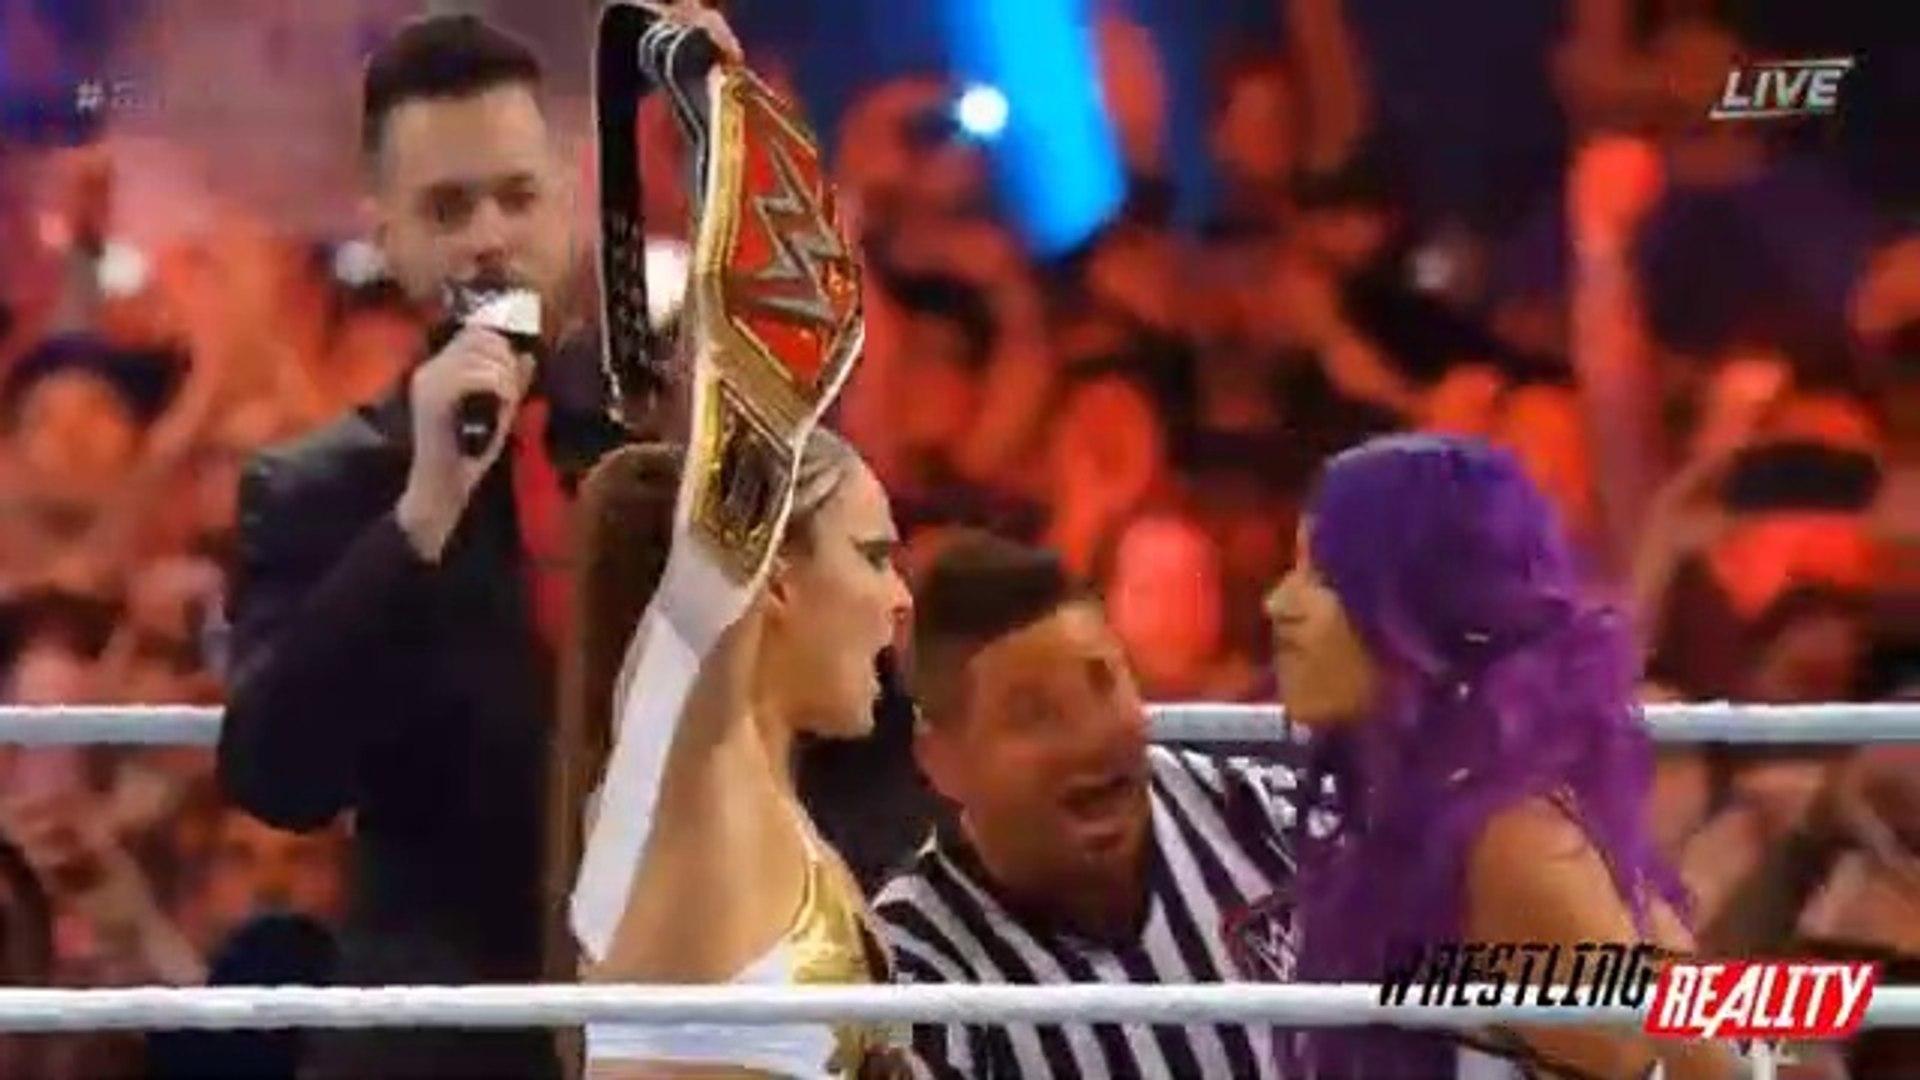 WWE Royal Rumble 2019 Highlights - WWE Royal Rumble 27-01-2019 Highlights